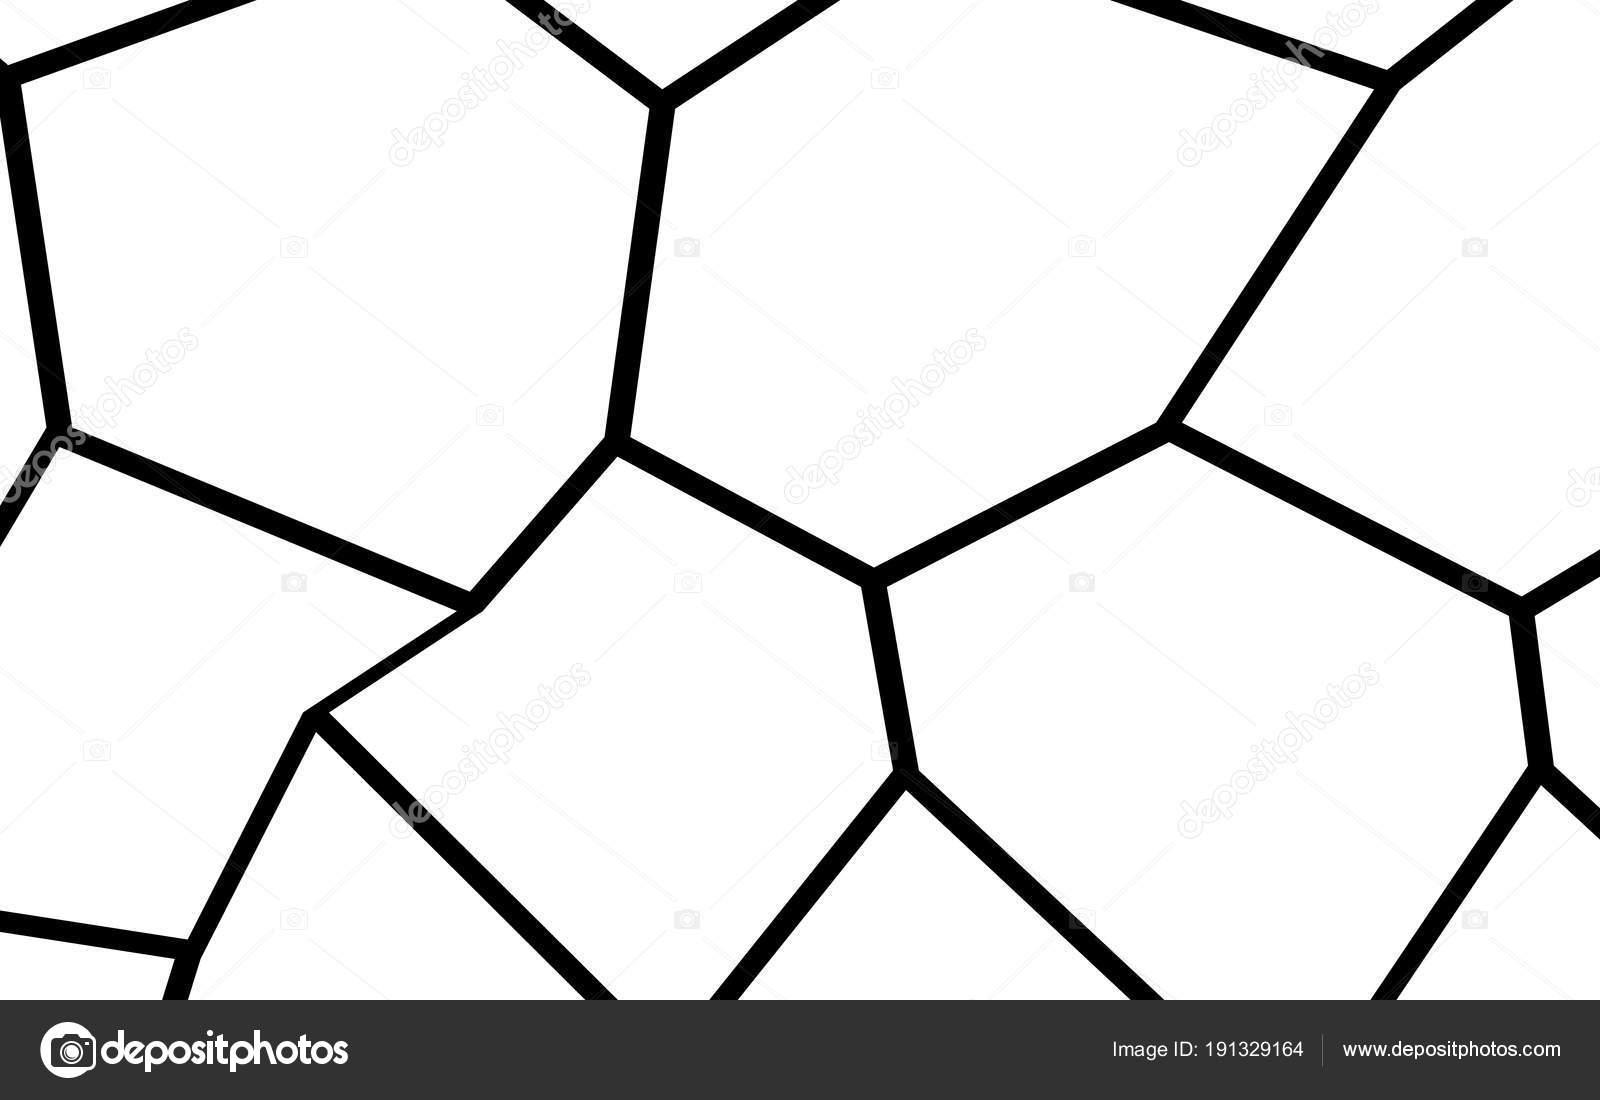 Schwarz / weiß unregelmäßigen Mosaik Vorlage — Stockvektor ...